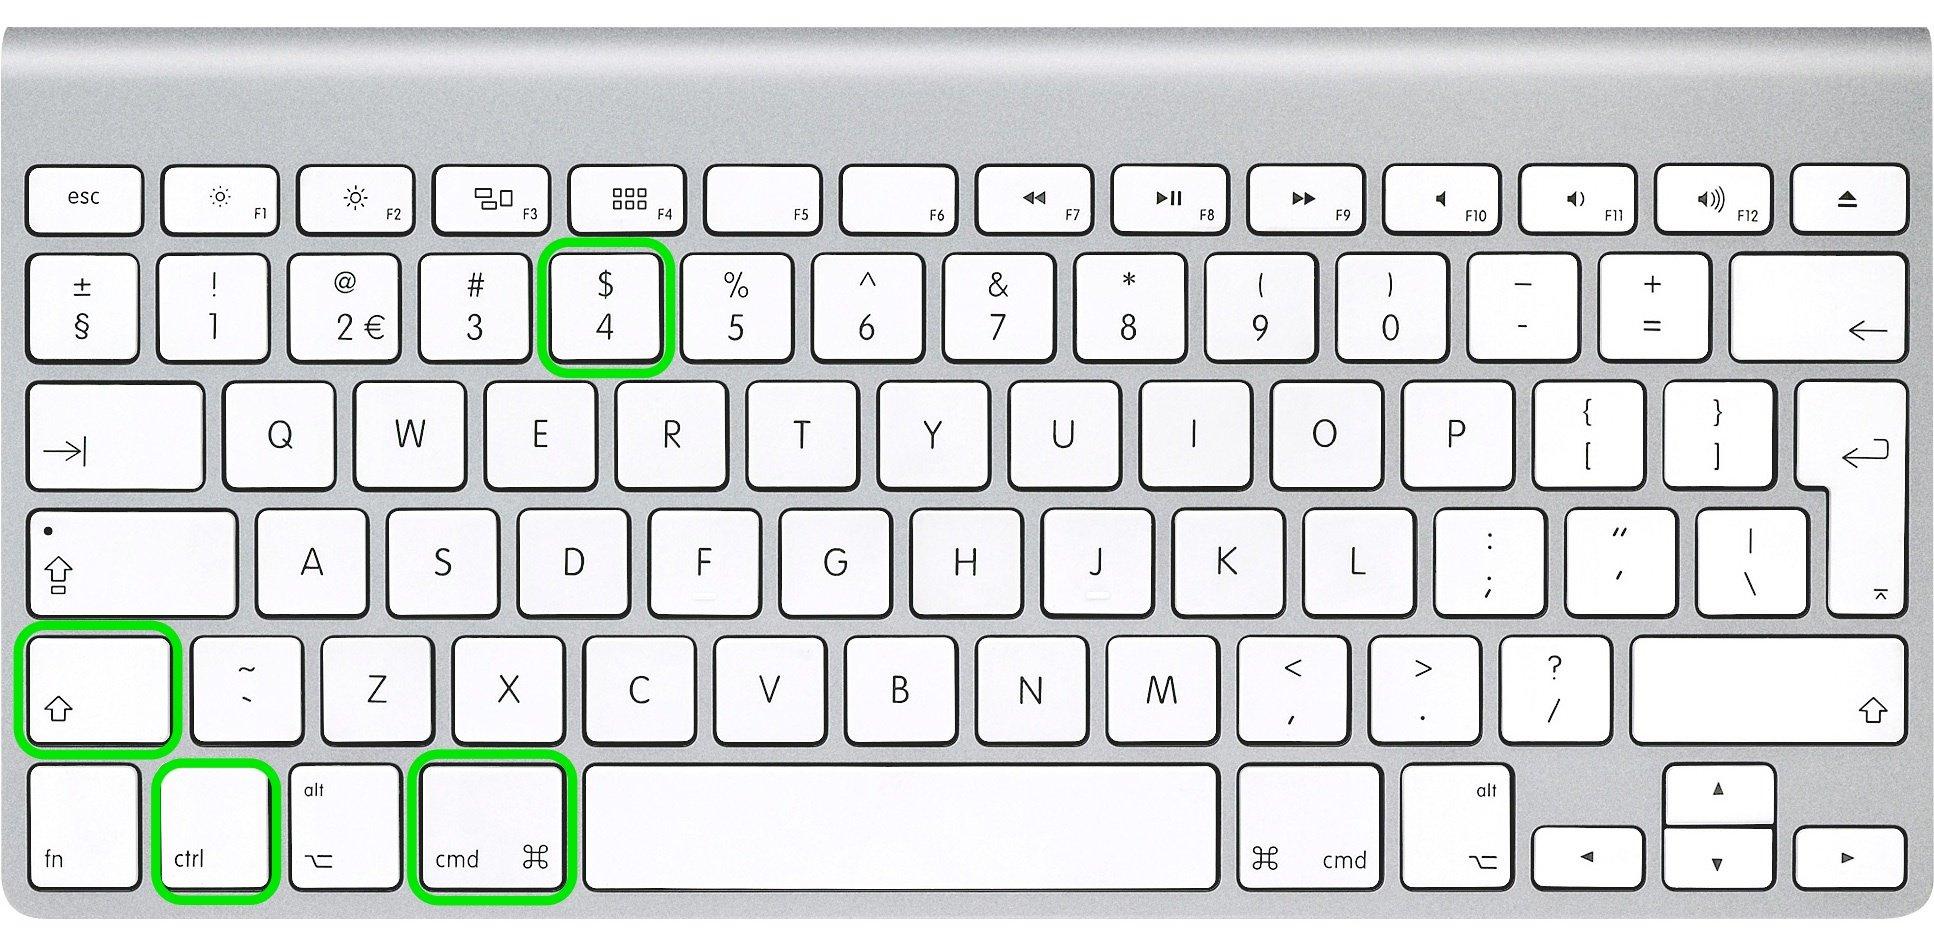 Evernote em Suporte de Sistemas - Teclado Mac